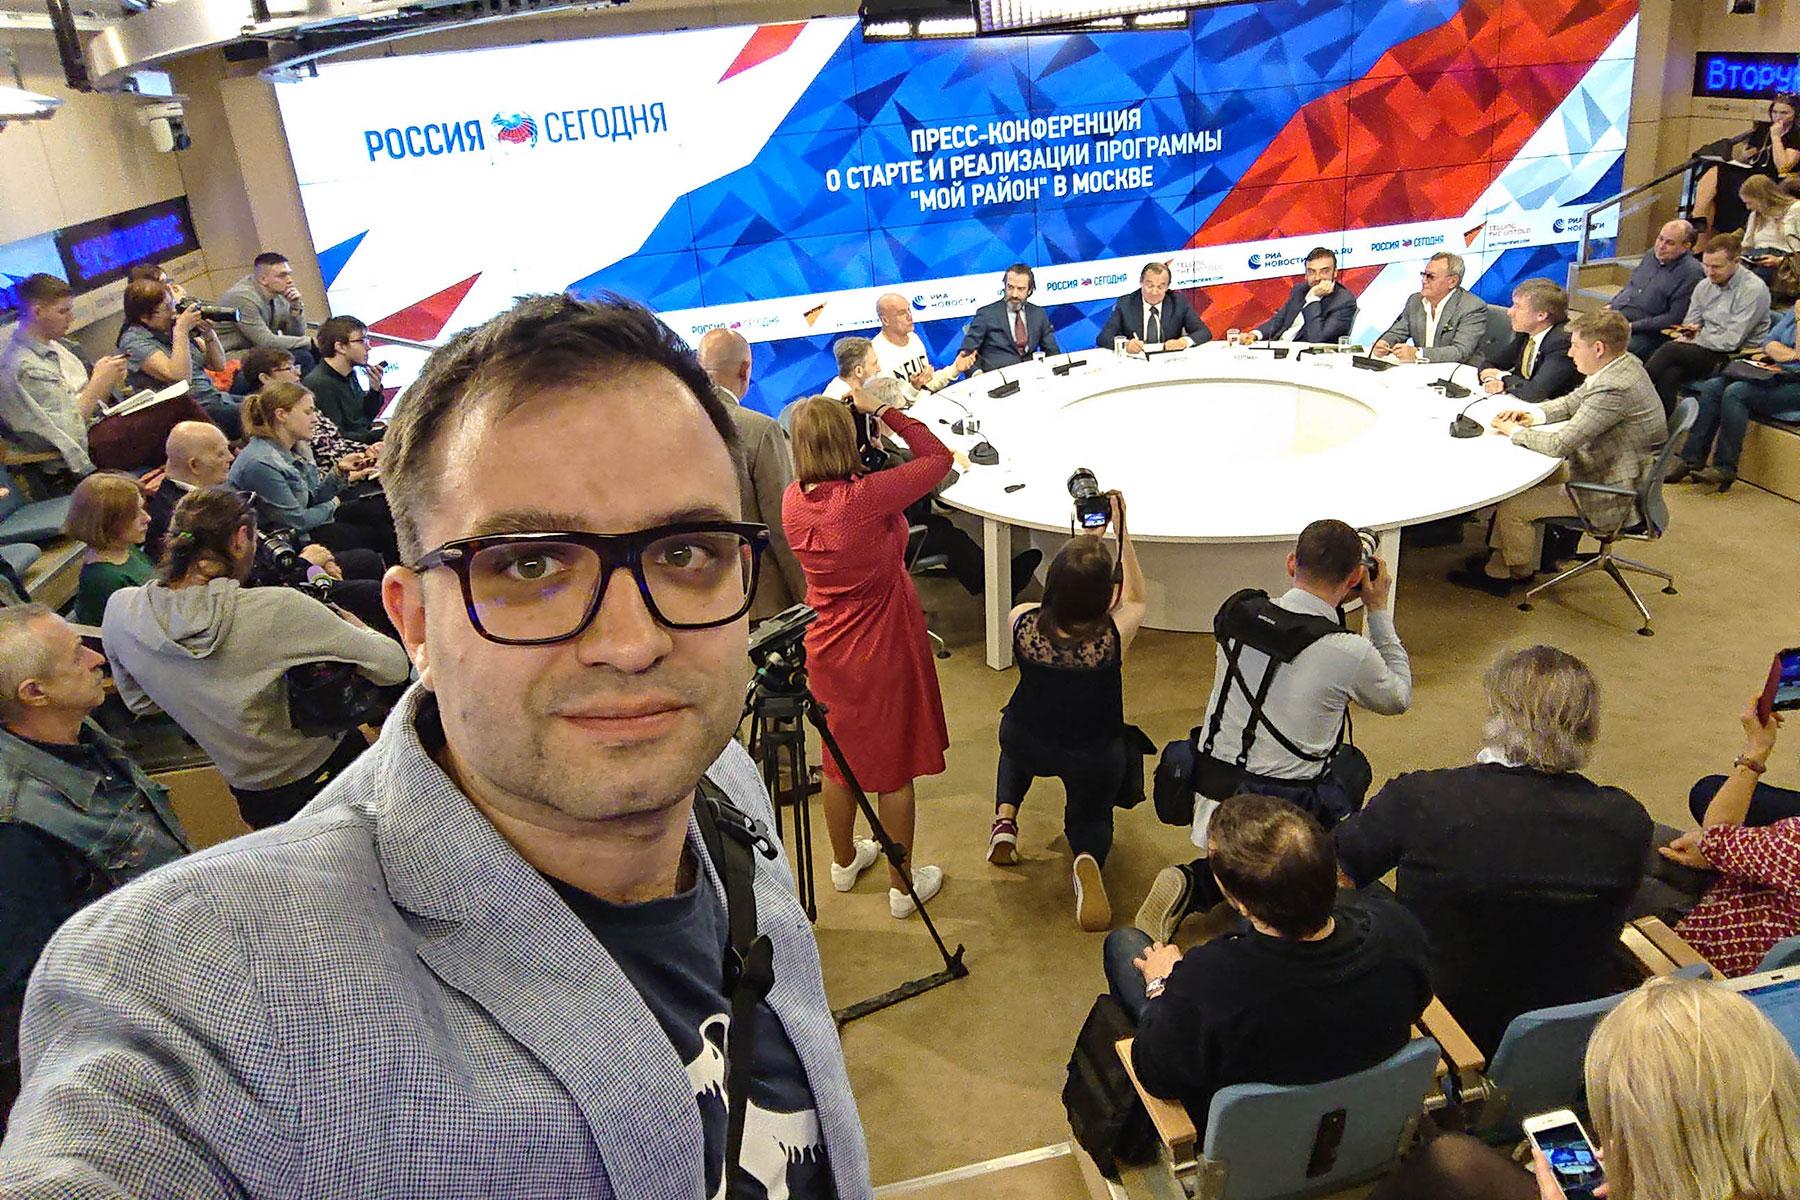 Москву заставят показать истинное лицо